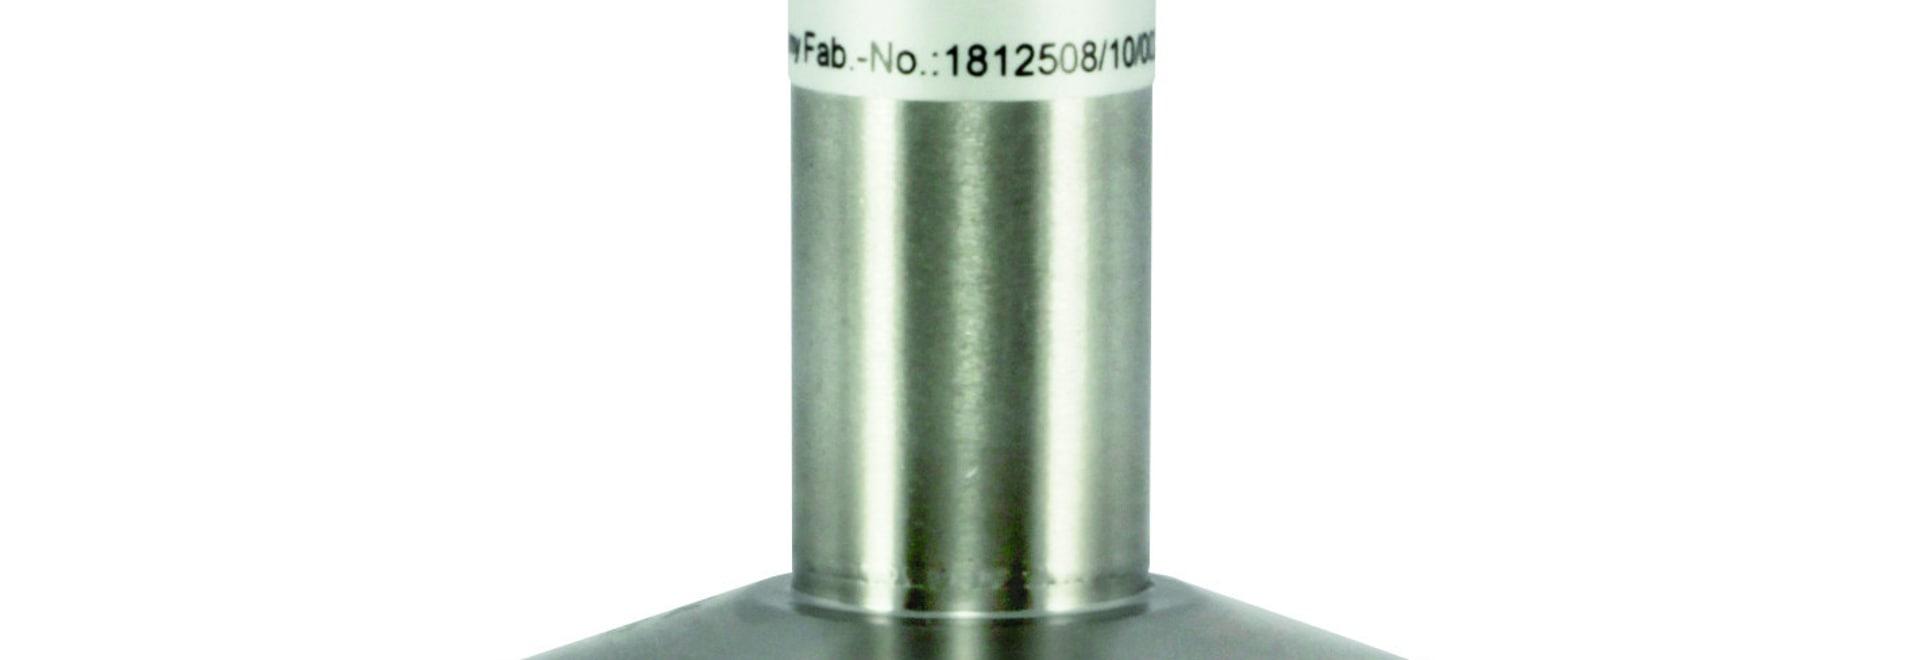 Widerstandsthermometer in der IO-Verbindungstechnologie, Art Reihe GA2700, schnelle Antwort, hygienischer Entwurf